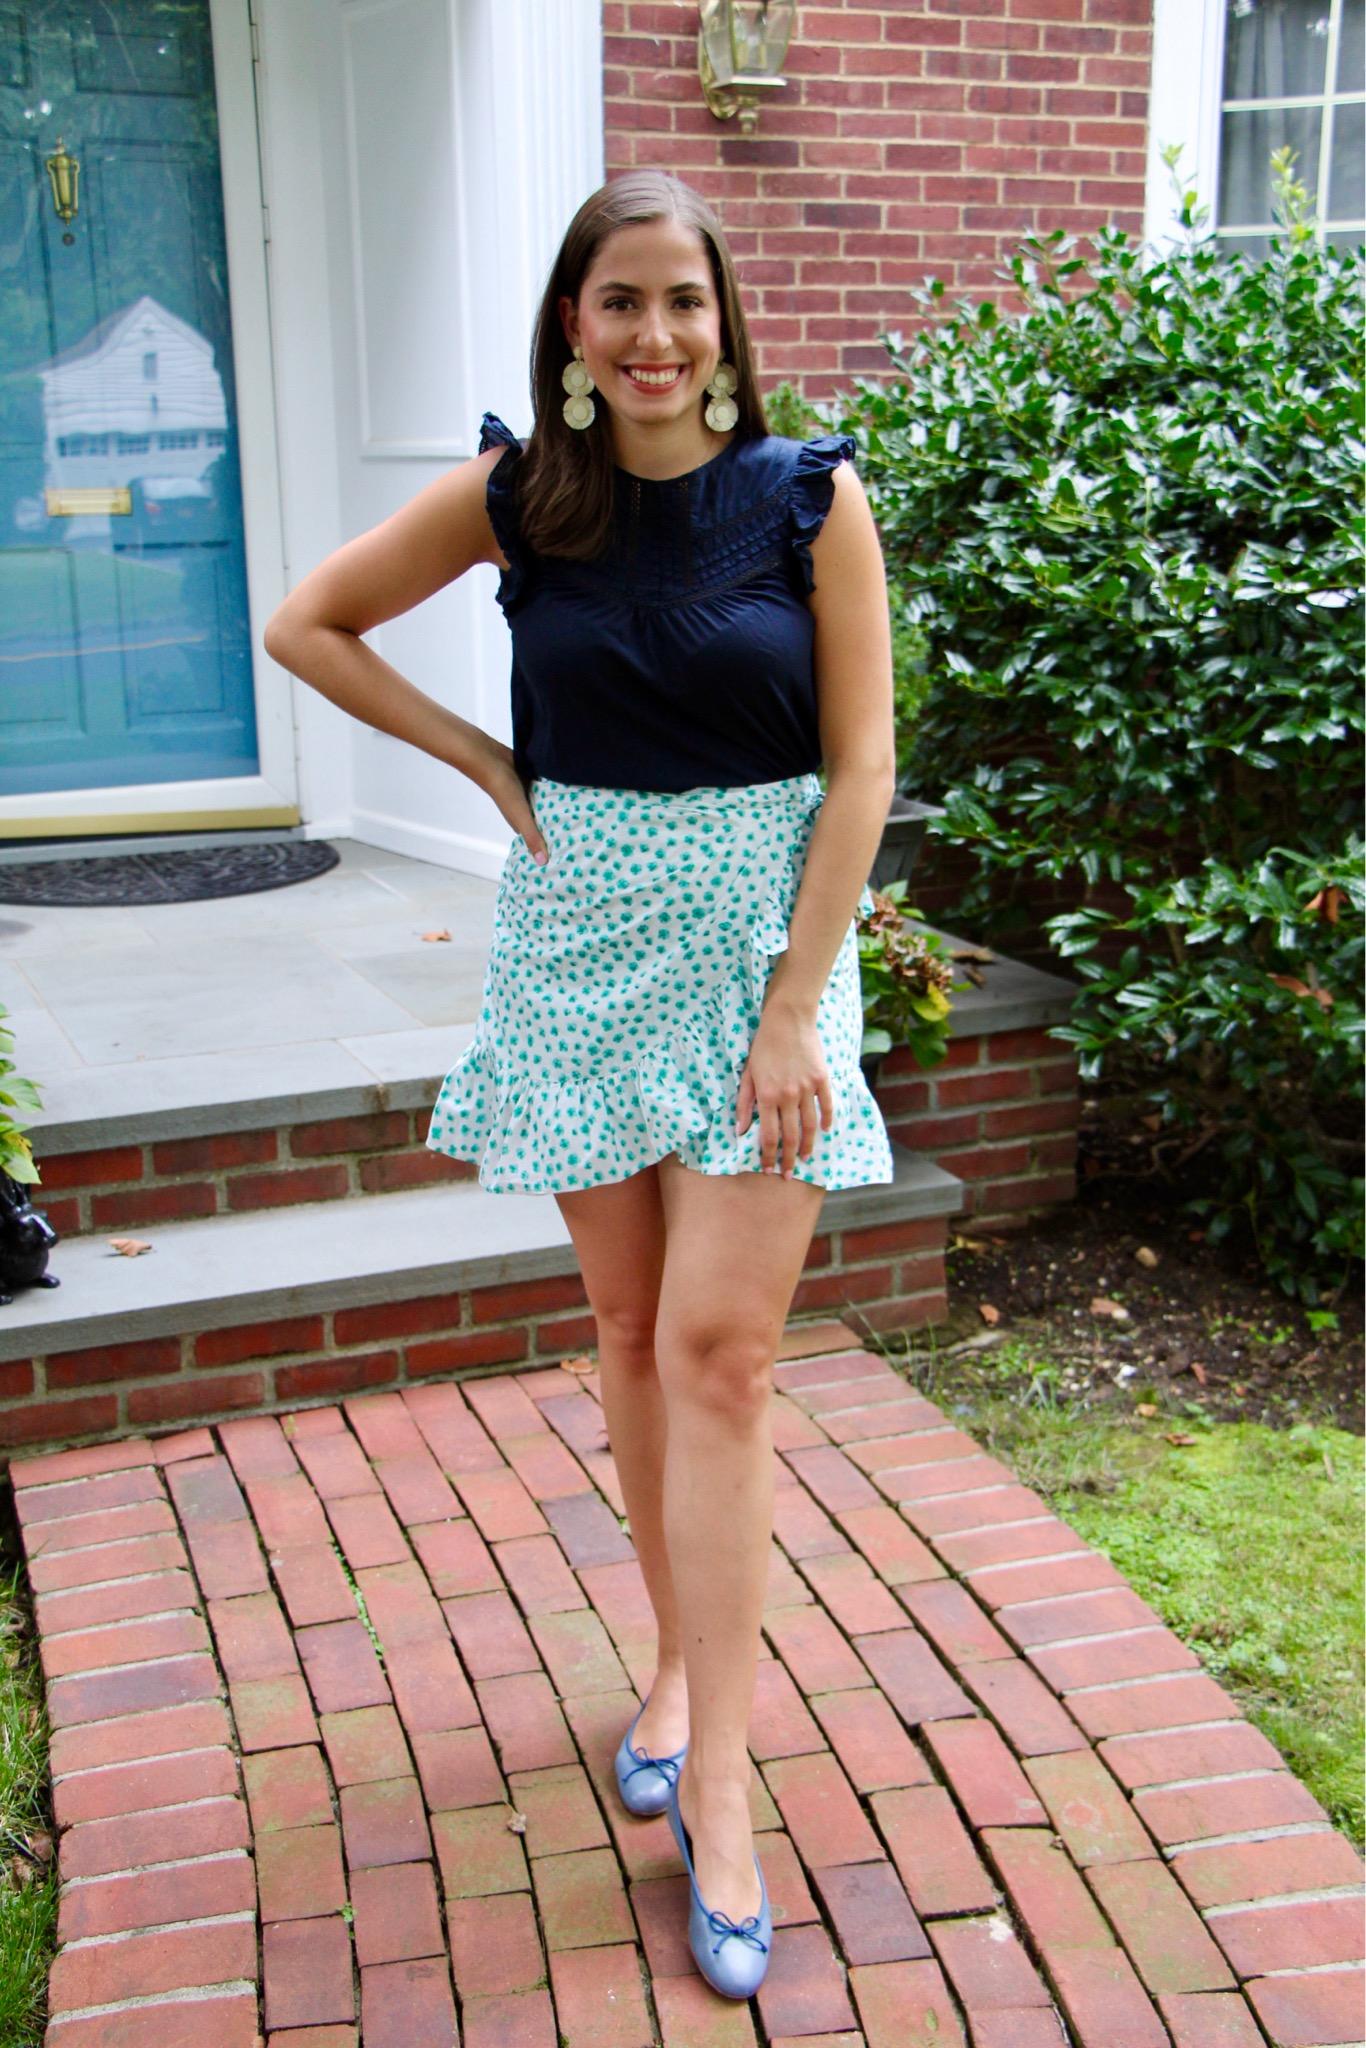 margaux ballet flats, ruffle skirt, navy blue top